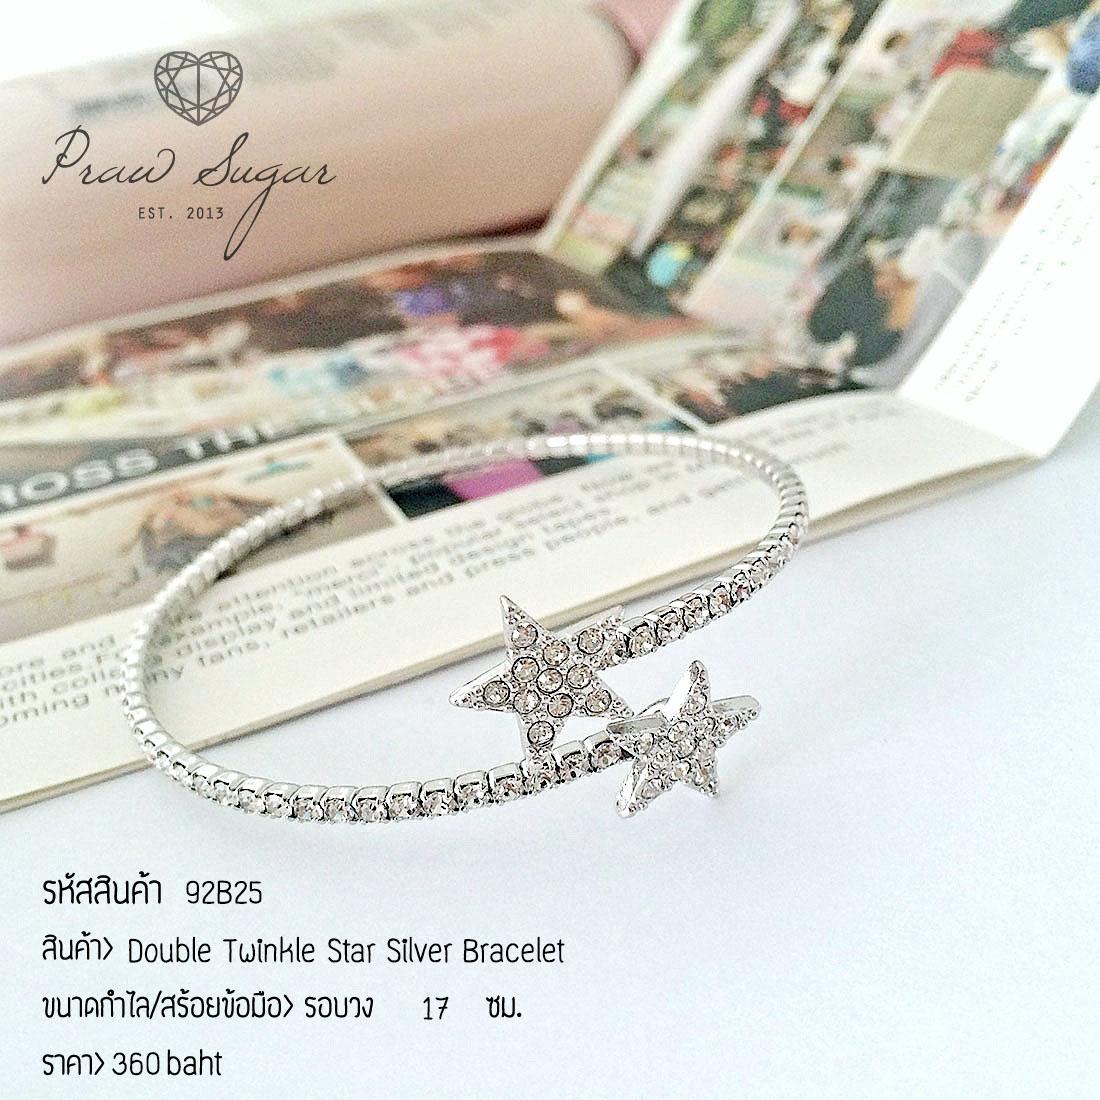 Double Twinkle Star Silver Bracelet